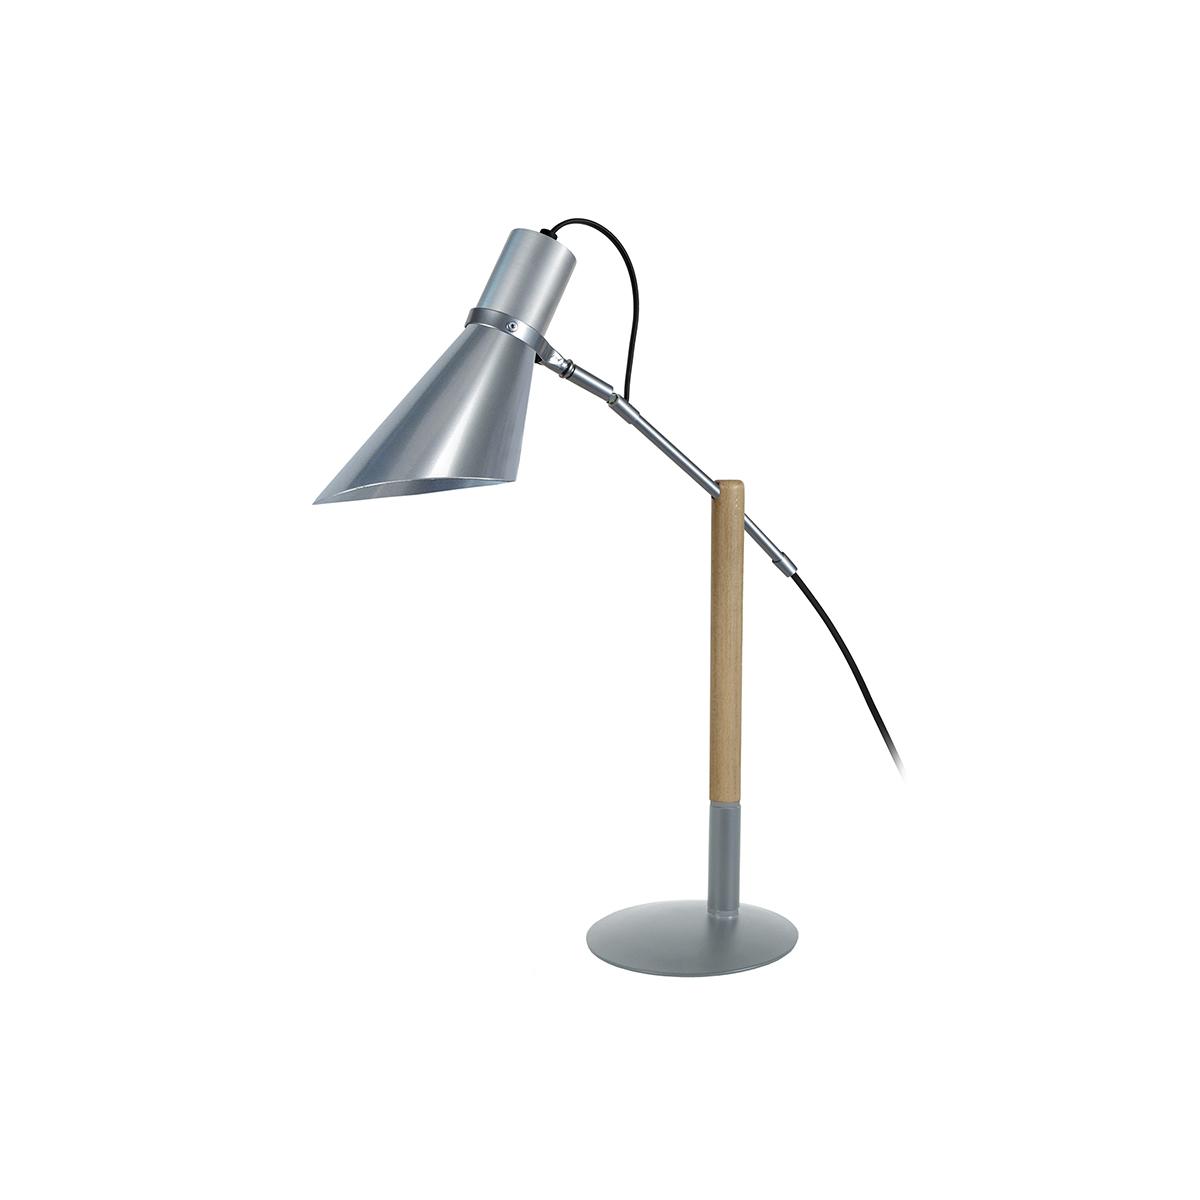 Lampada da tavolo design legno e acciaio cromato sound - Lampada da tavolo legno ...